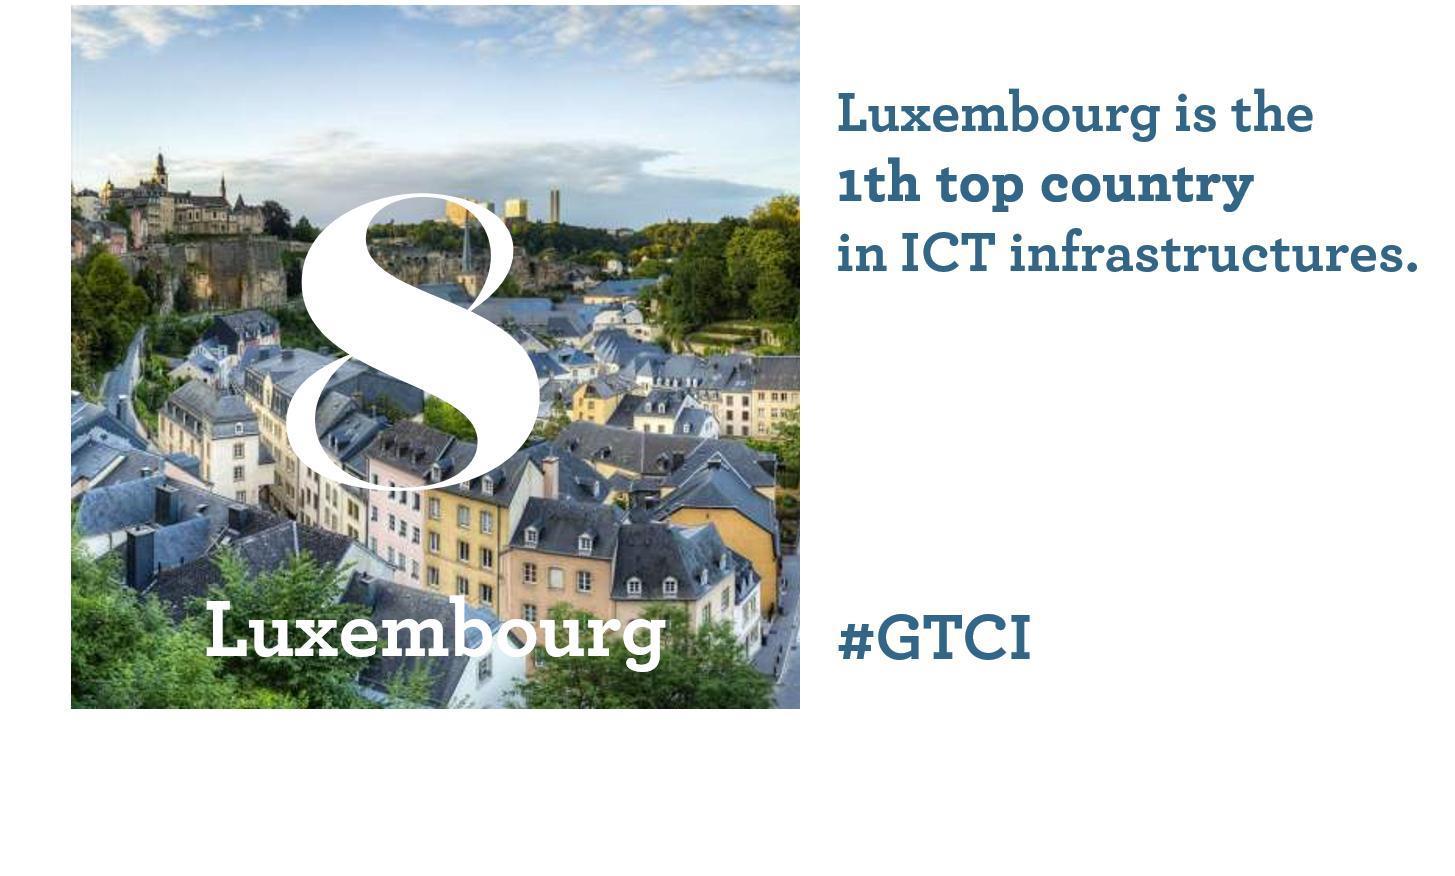 GTCI 2020 Luxembourg